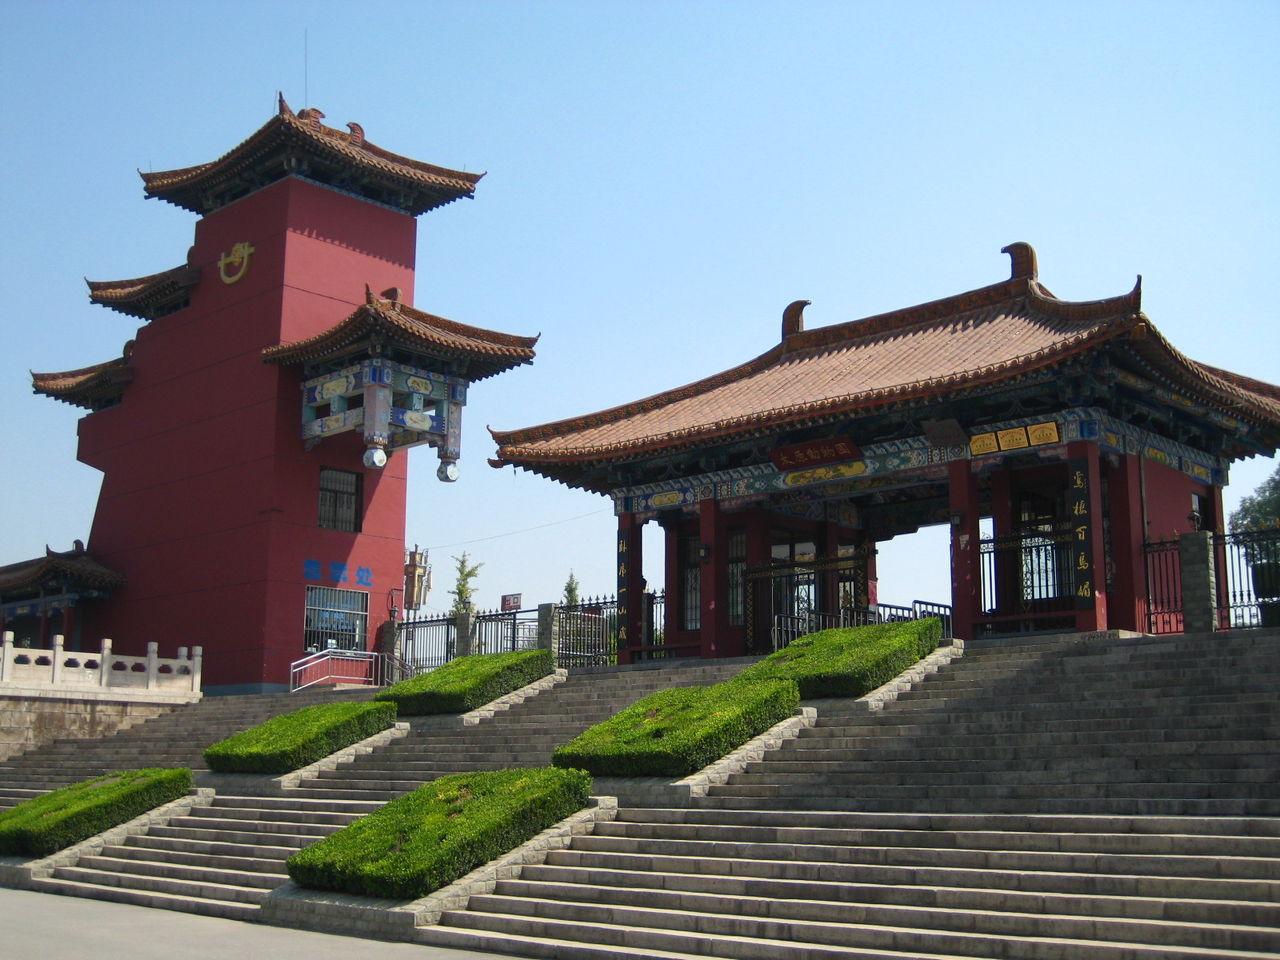 如何去太原动物园_在太原,从火车站到动物园怎么坐公交车?